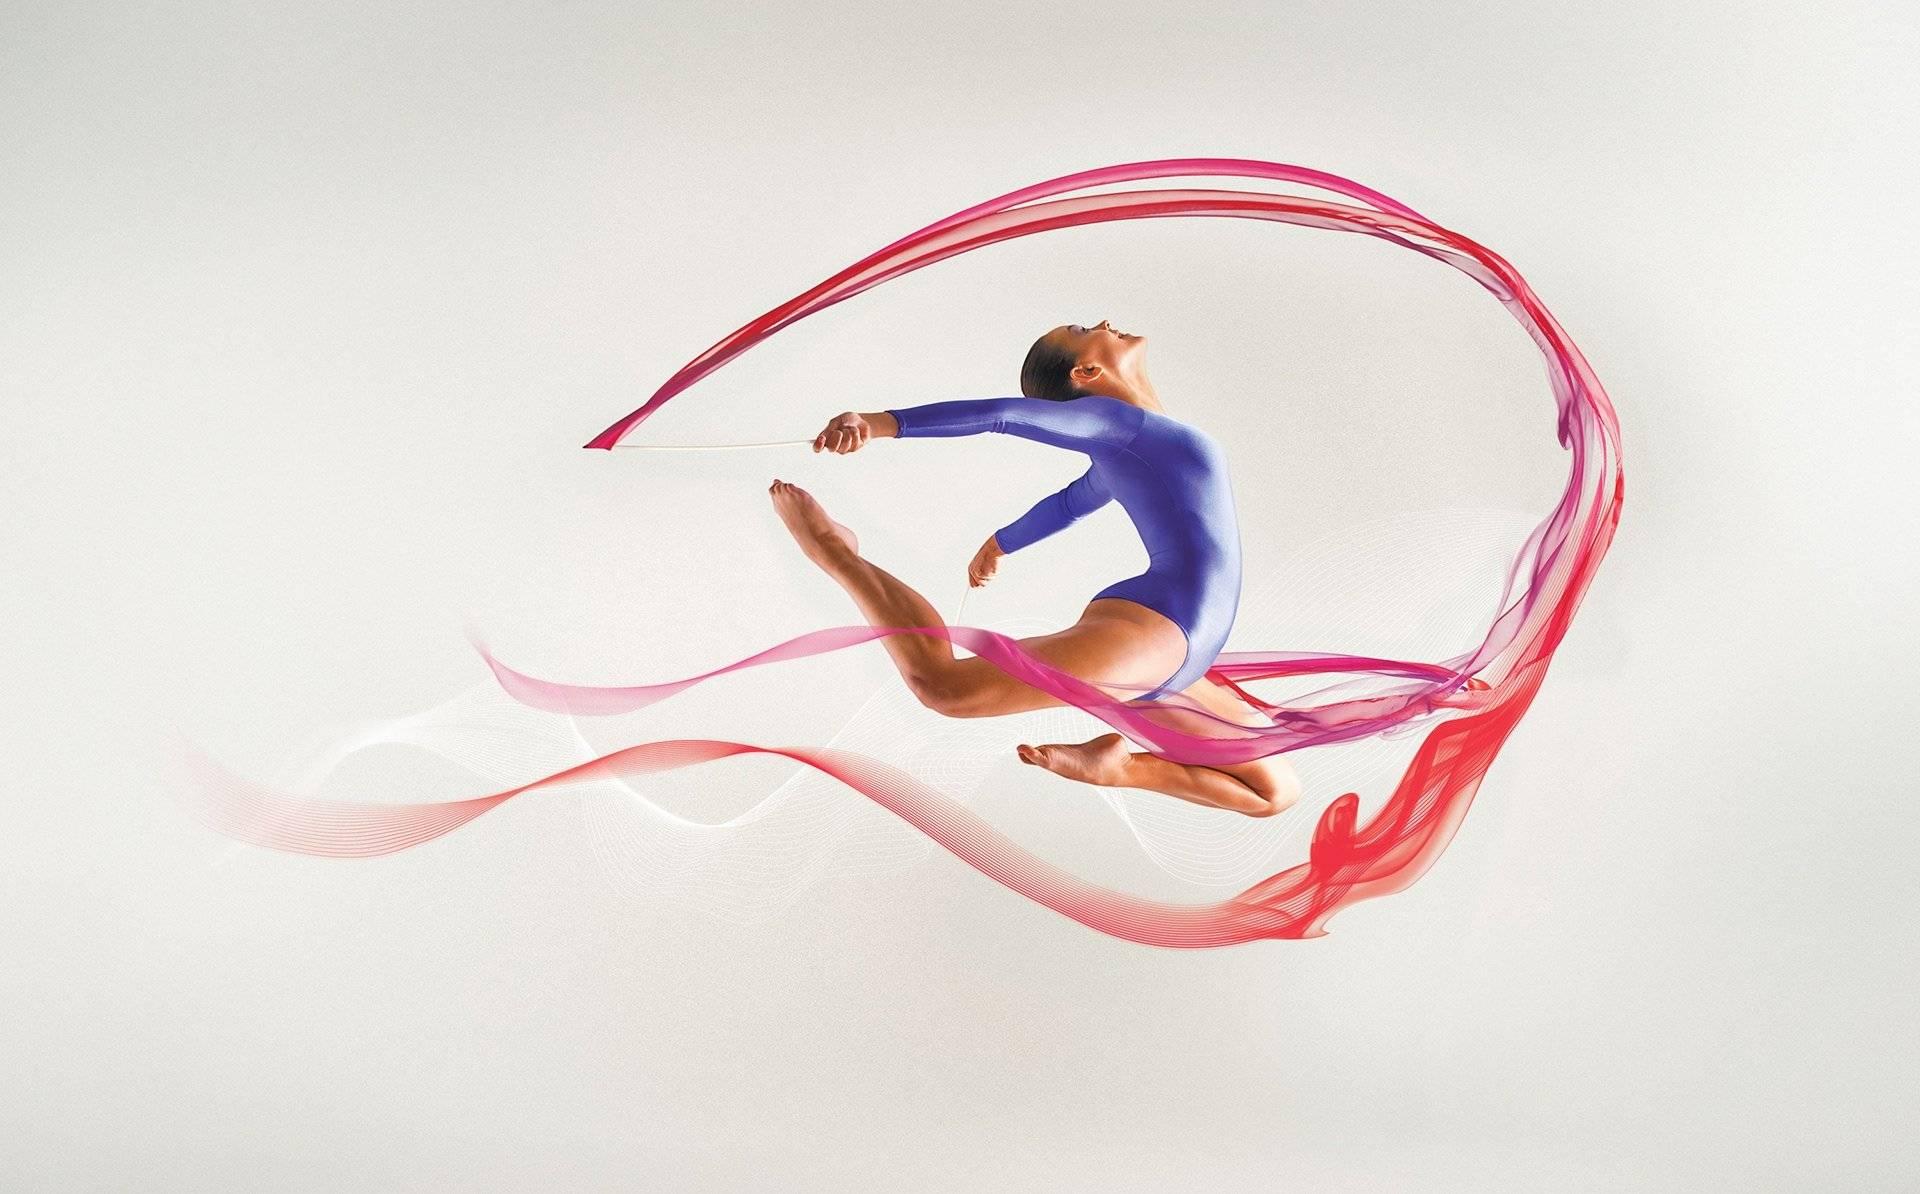 Эстетическая гимнастика как хобби и увлечение